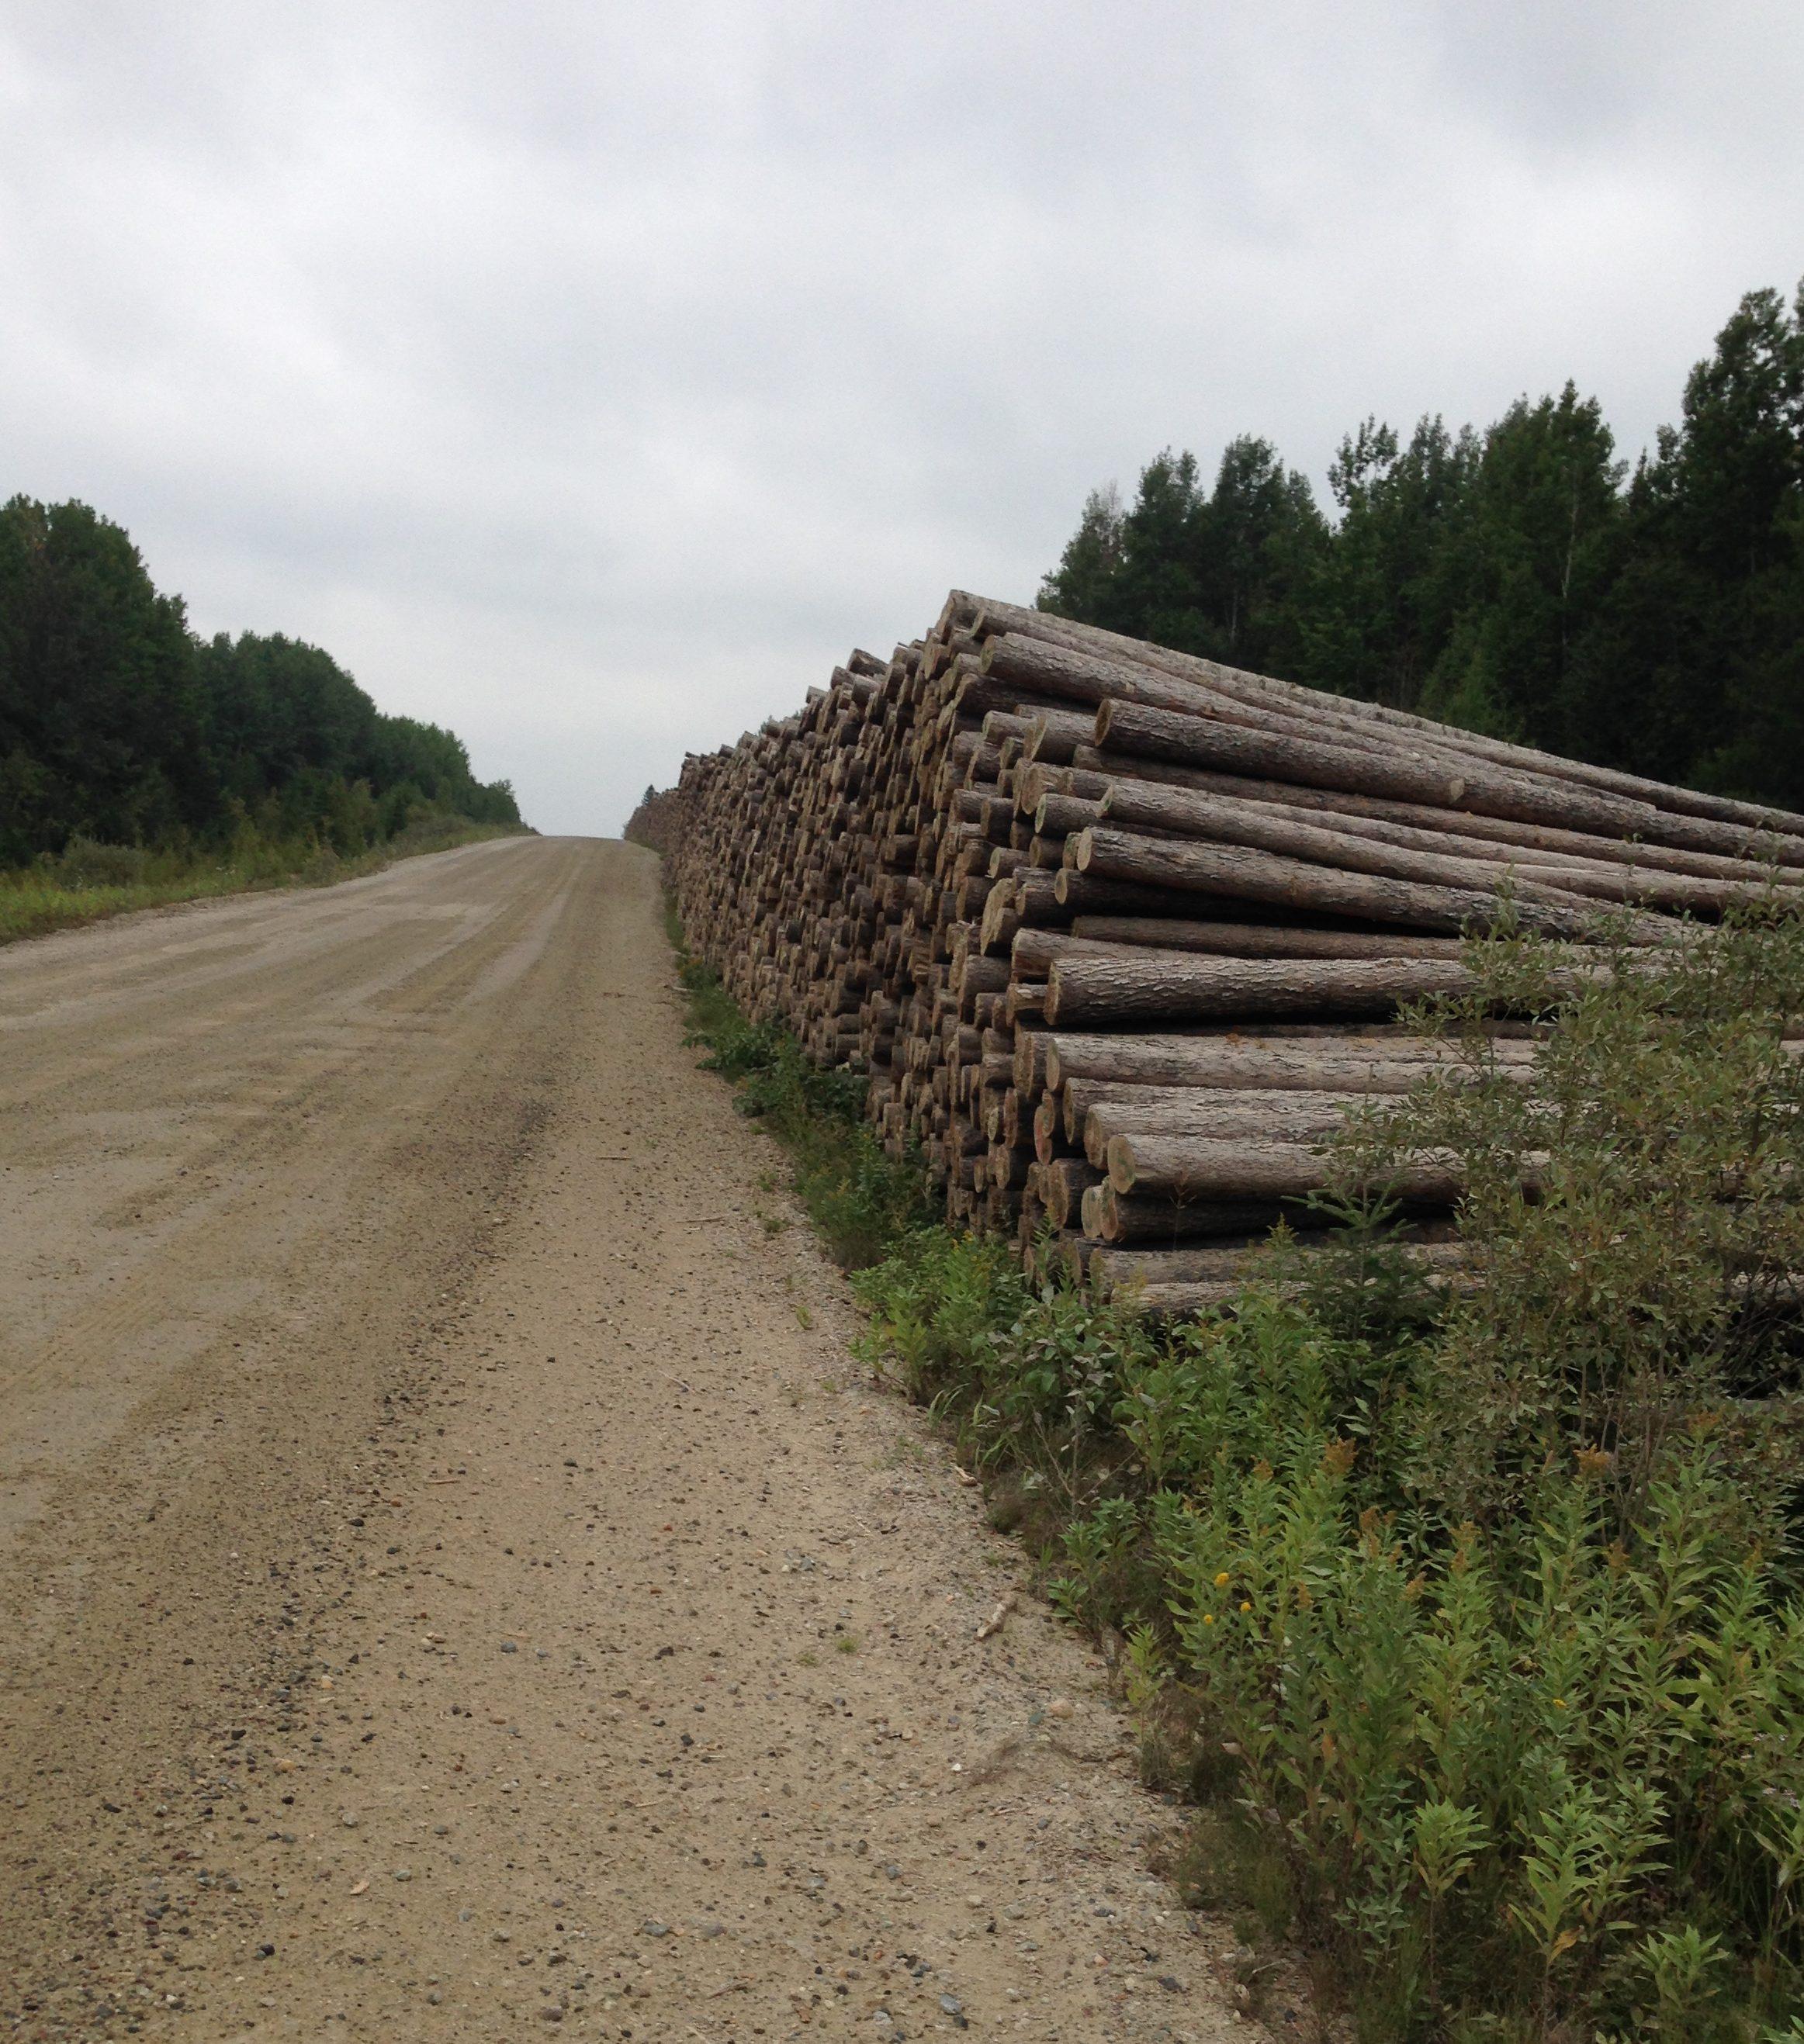 Plein de chemins forestiers dans le Nord. Photo : Ghislain Jacques